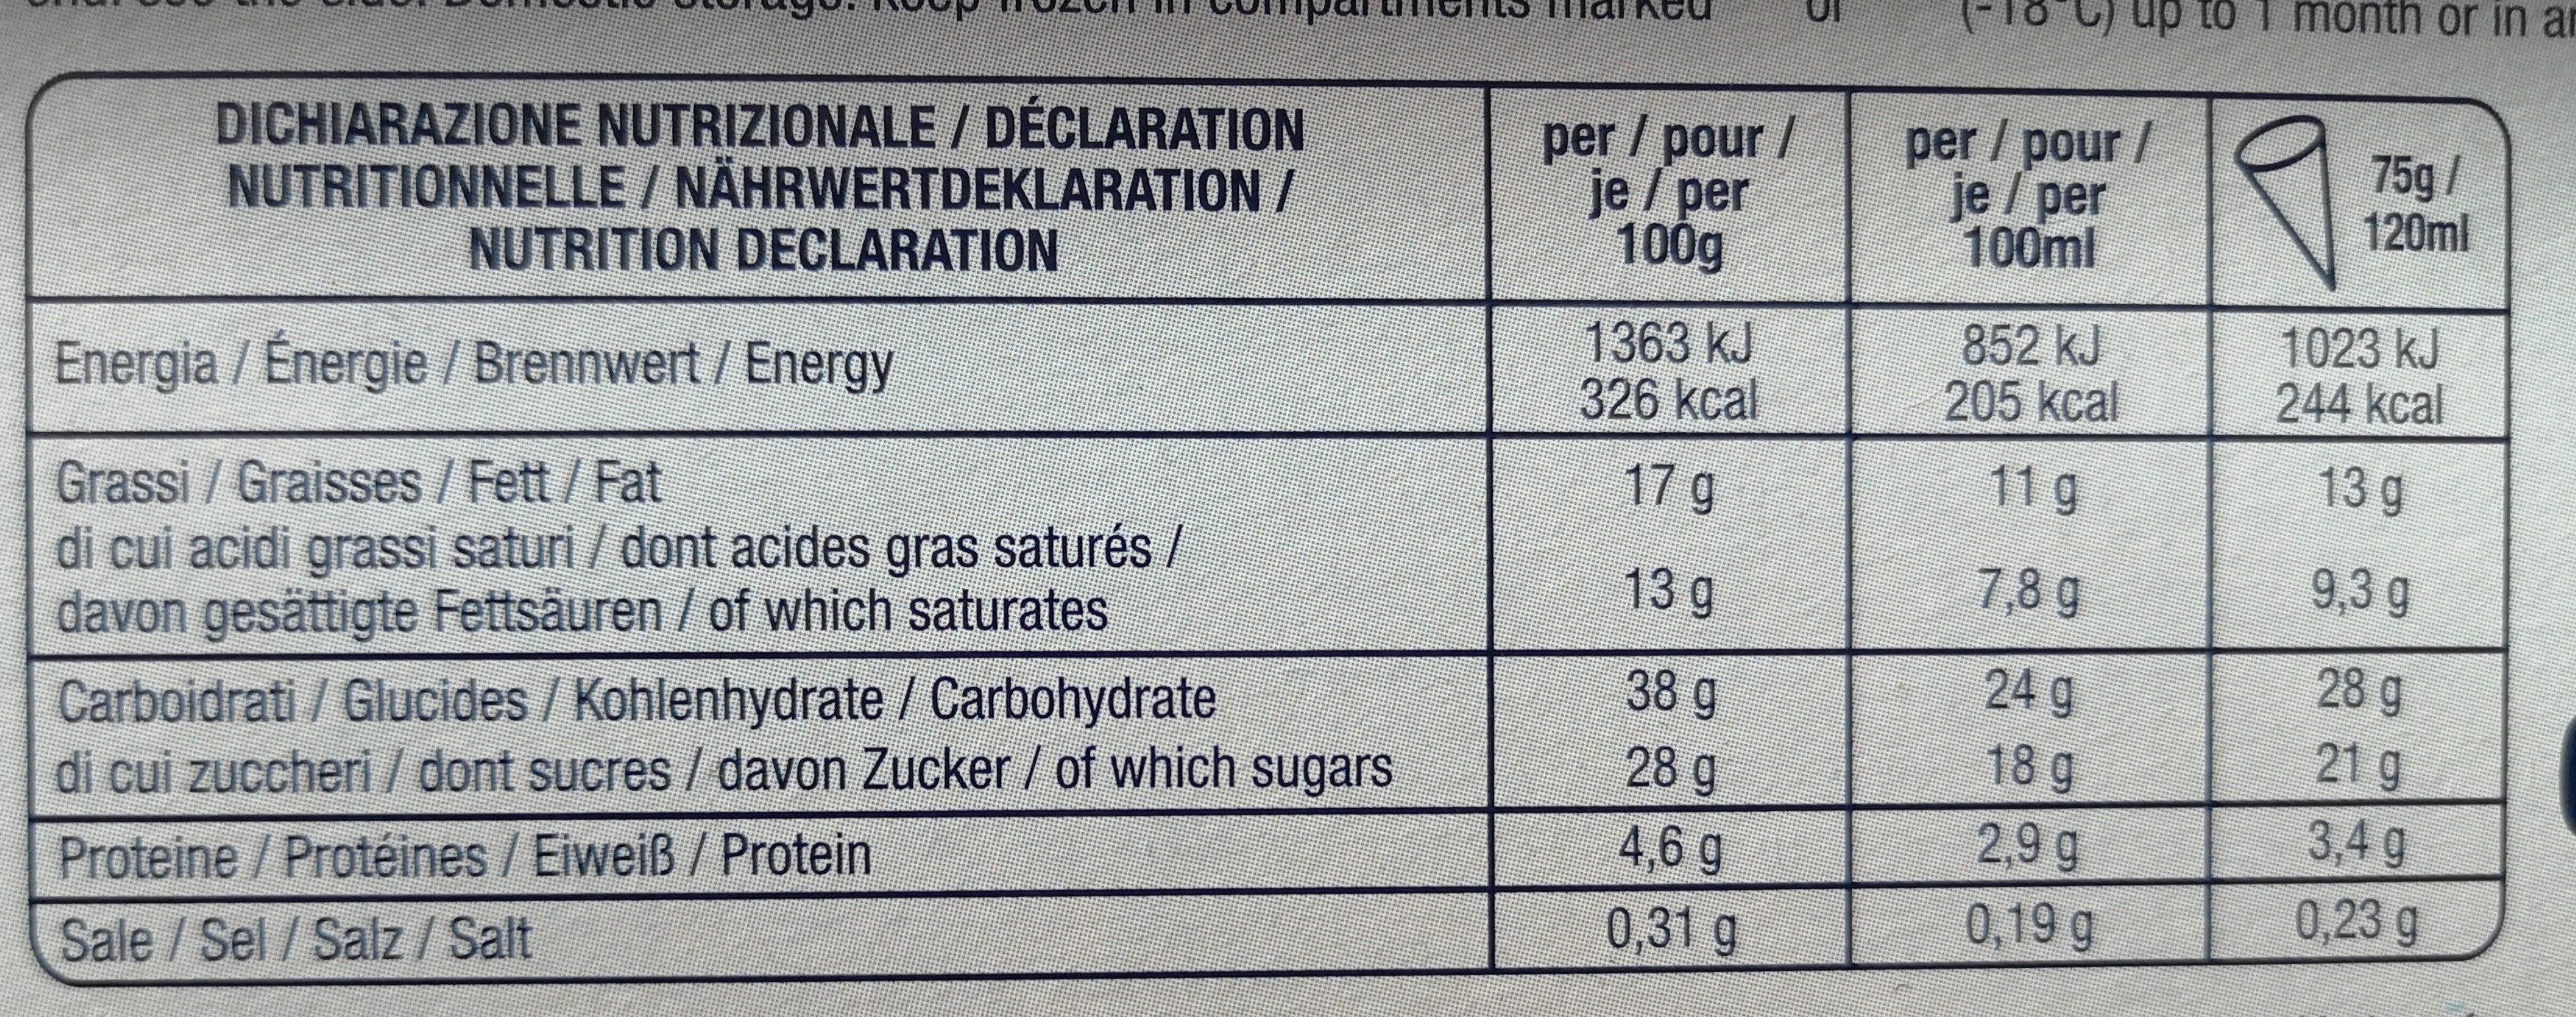 Coni gelato Cinque Stelle - Nutrition facts